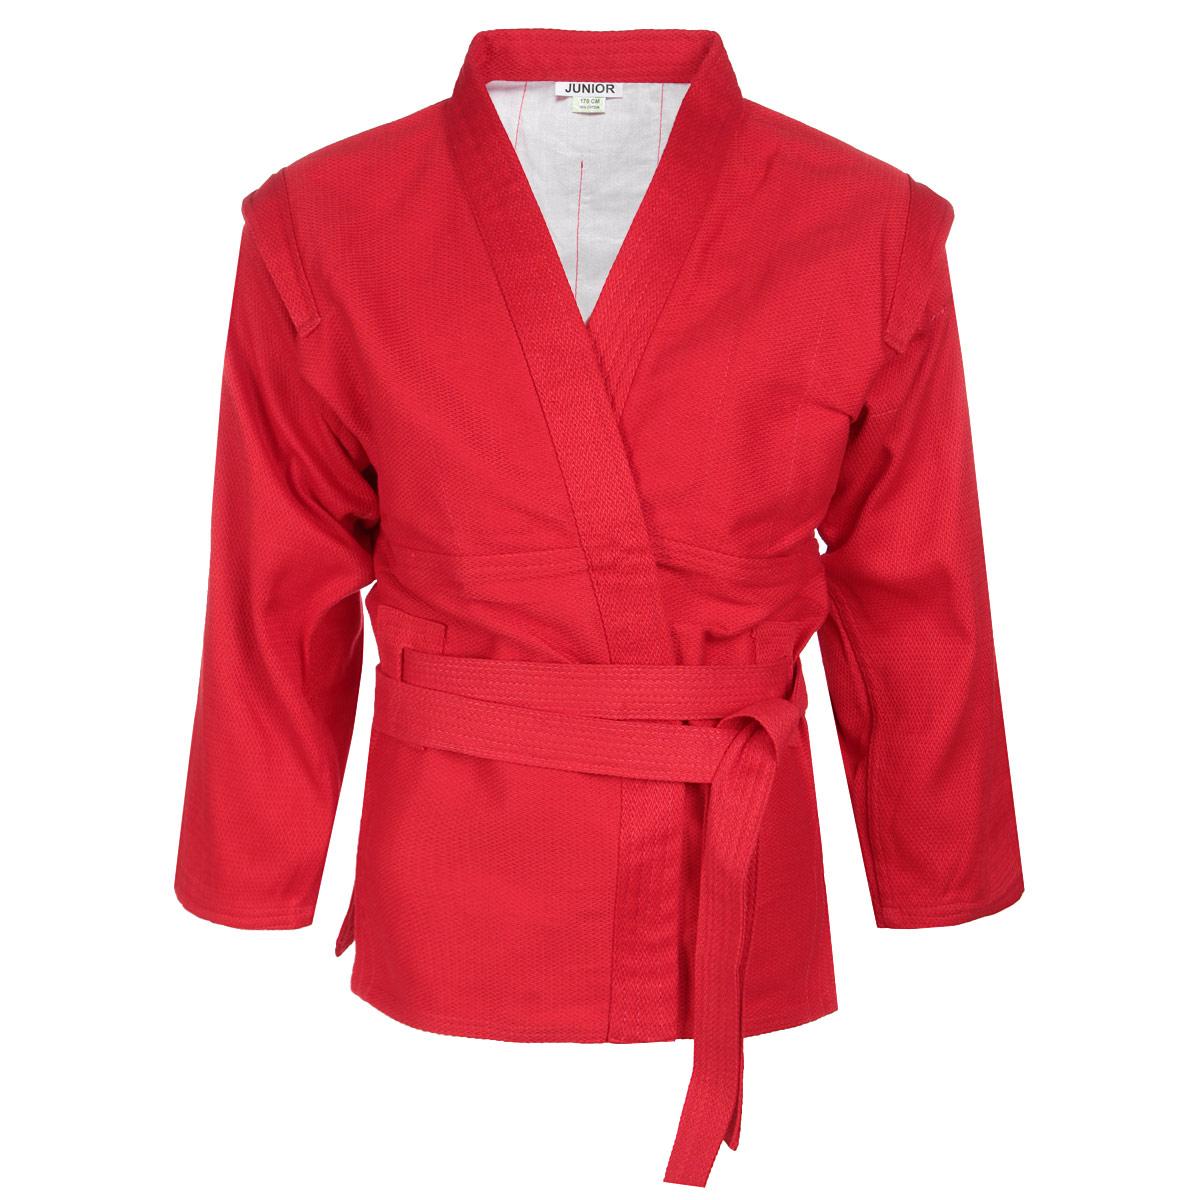 Кимоно детское для самбо Green Hill Junior, цвет: красный. SСJ-2201. Размер 150SСJ-2201Детское кимоно для самбо Green Hill Junior с глубоким запахом, боковыми разрезами и длинным рукавом изготовлено из плотного хлопка (плотность 300 г/м2) с плетением елочка.На изнаночной стороне для максимального комфорта до линии талии предусмотрена хлопковая подкладка. Боковые швы, края рукавов и полочек, низ изделия укреплены дополнительными строчками. Модель укреплена в подмышечной области. В области верхней части спины имеет особые прорези, в которые вставляется пояс, на плечах добавлены выступающие крылышки, предназначенные для выполнения захватов. Длинный плотный пояс укреплен многорядной прострочкой.